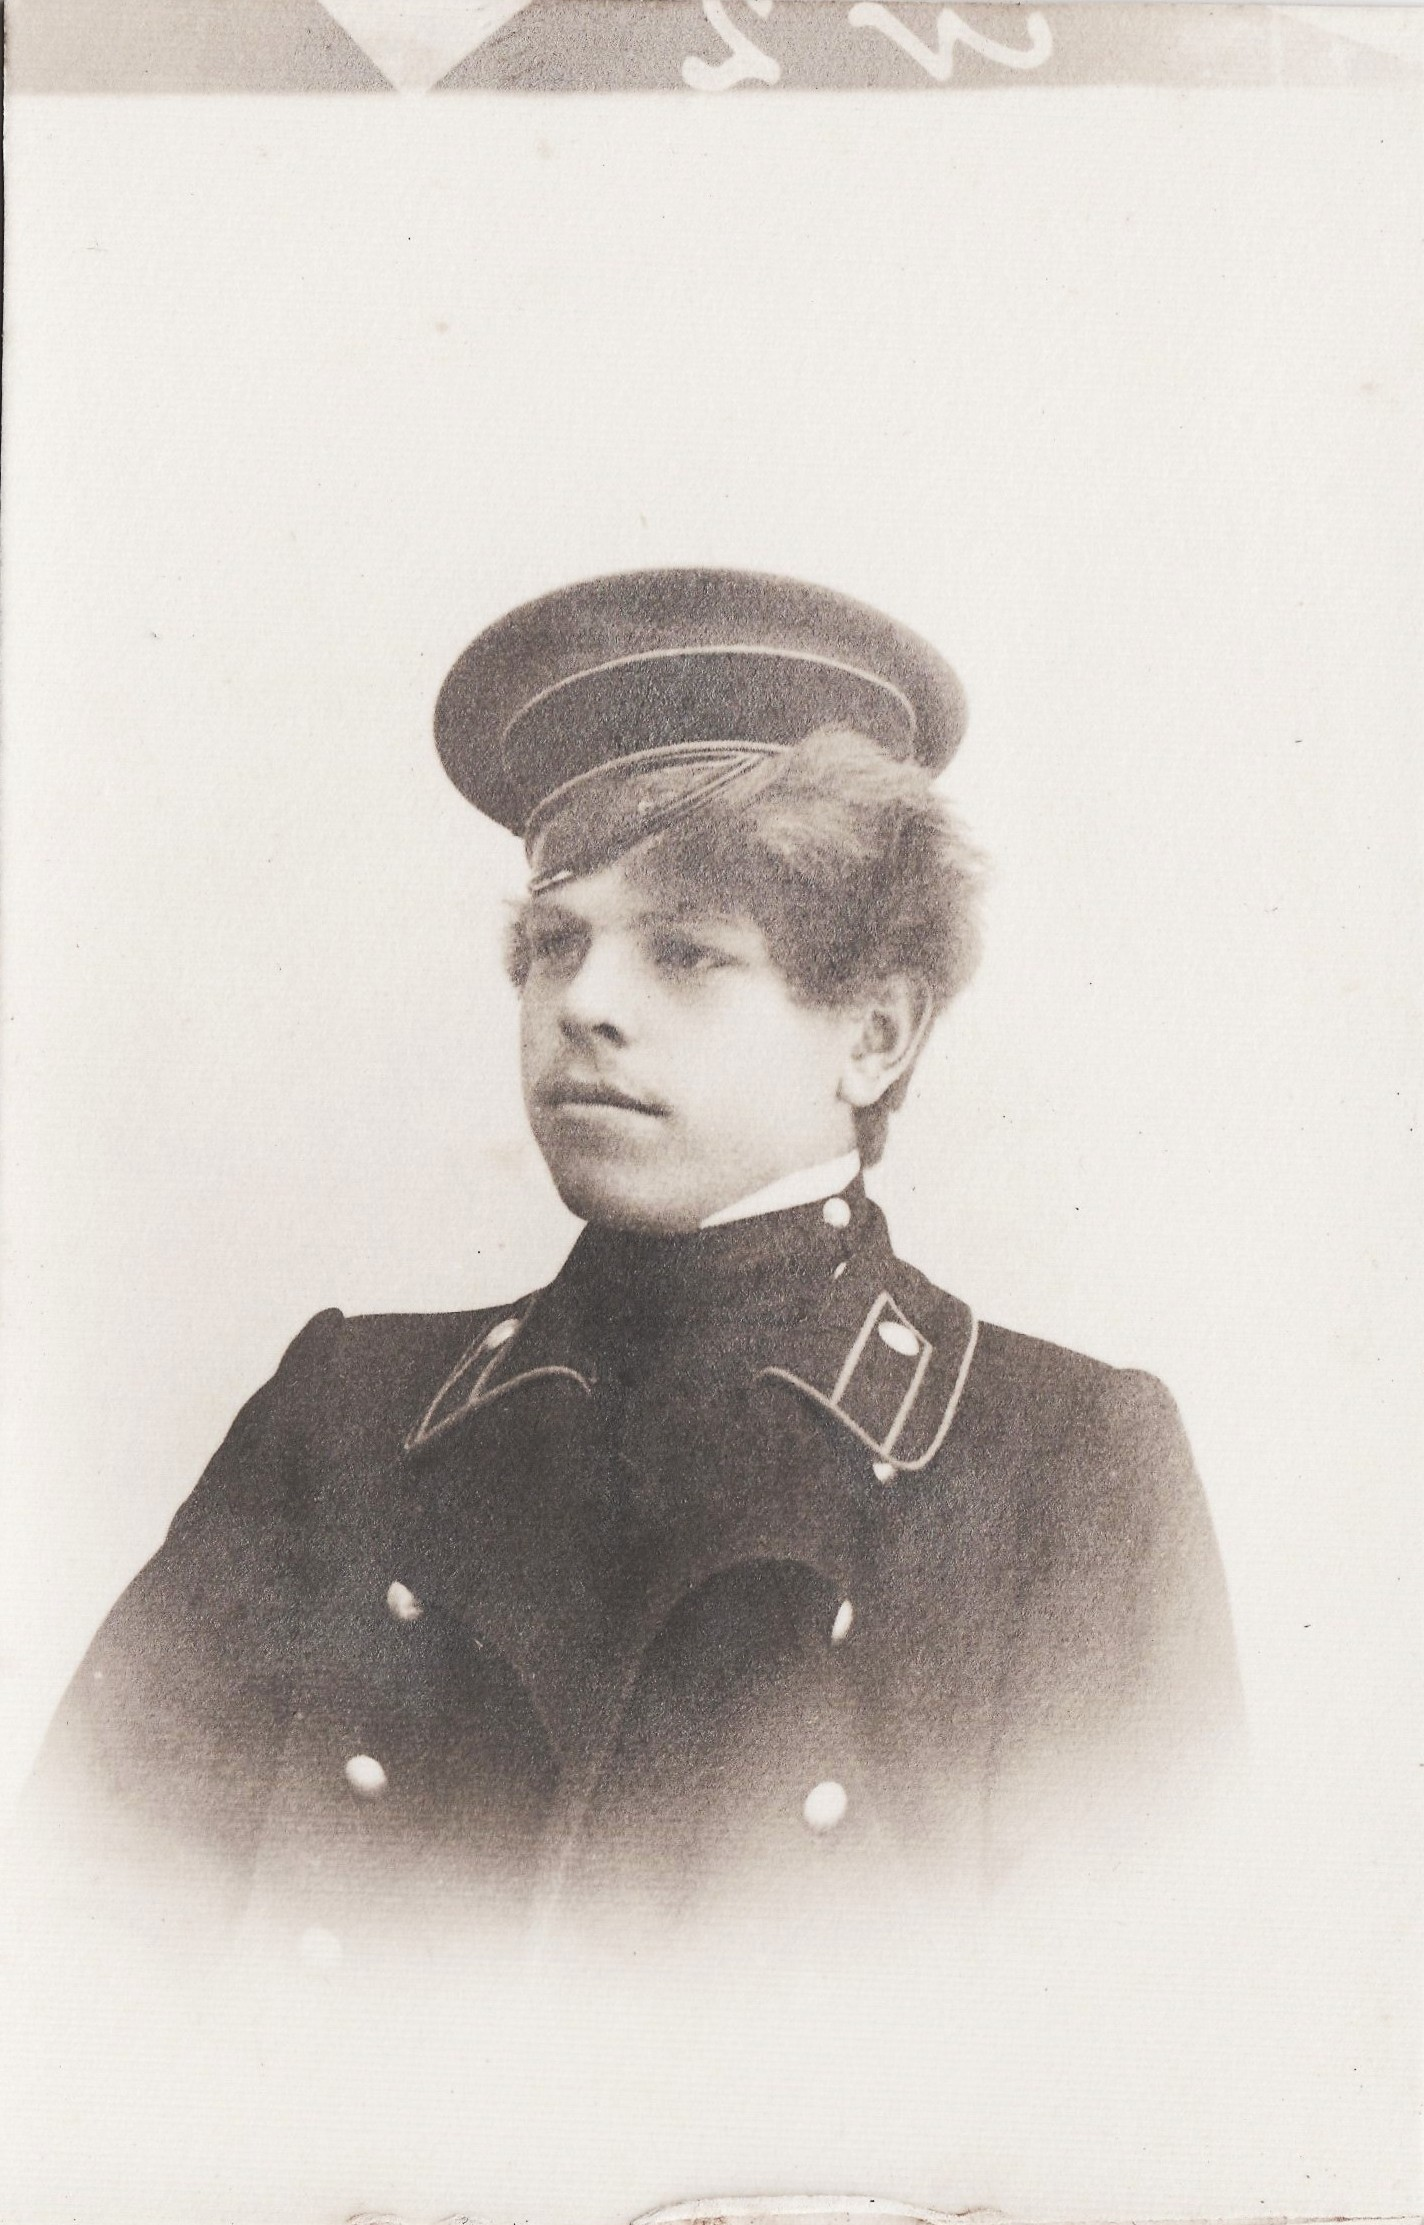 Студент Миртов Иван. I отделение разряд 1.